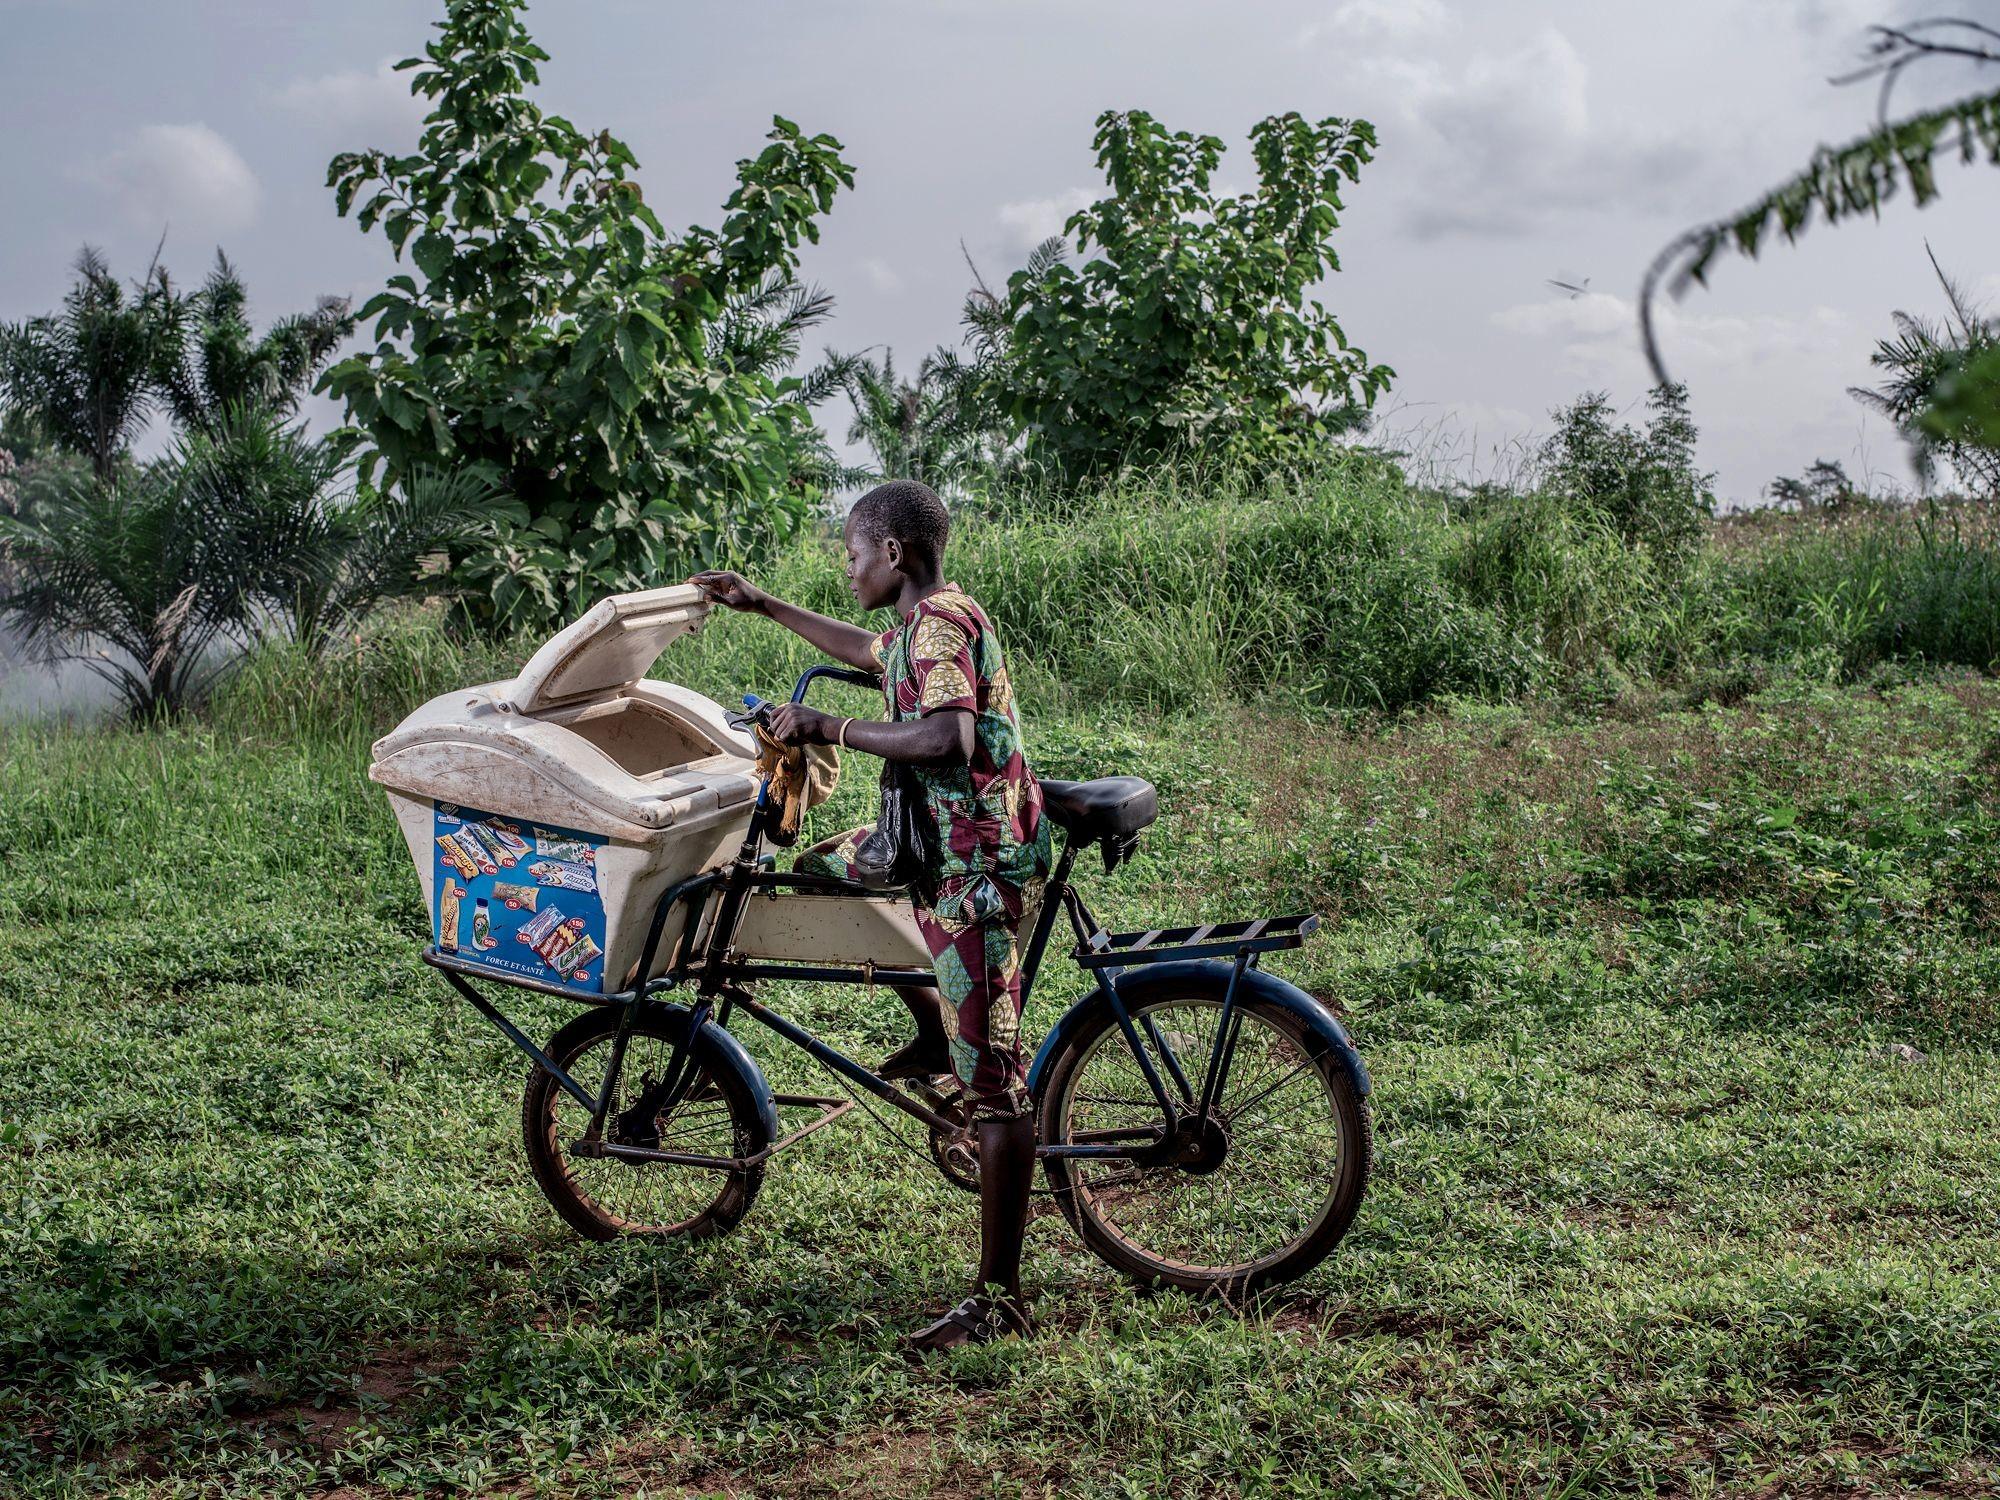 Las fotos rescatadas por el jurado. Portraits awards Lensculture 2017